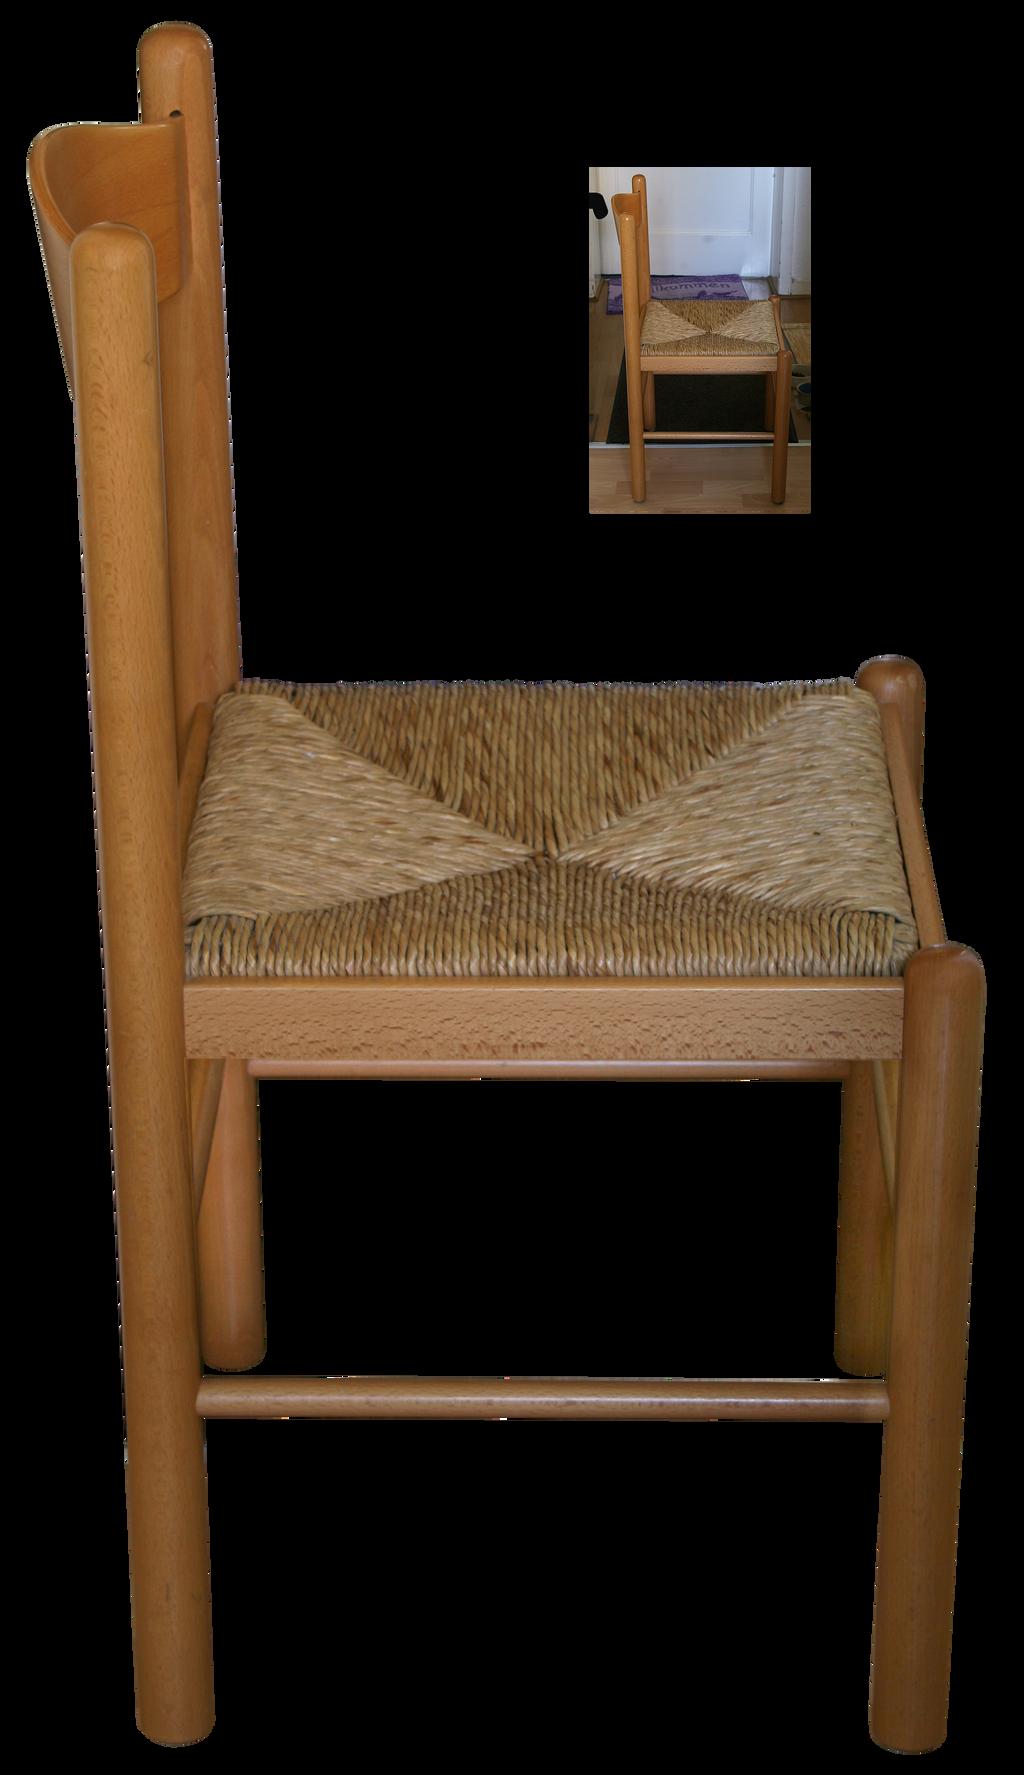 kitchen chair wood 03 by nexu4 on deviantart